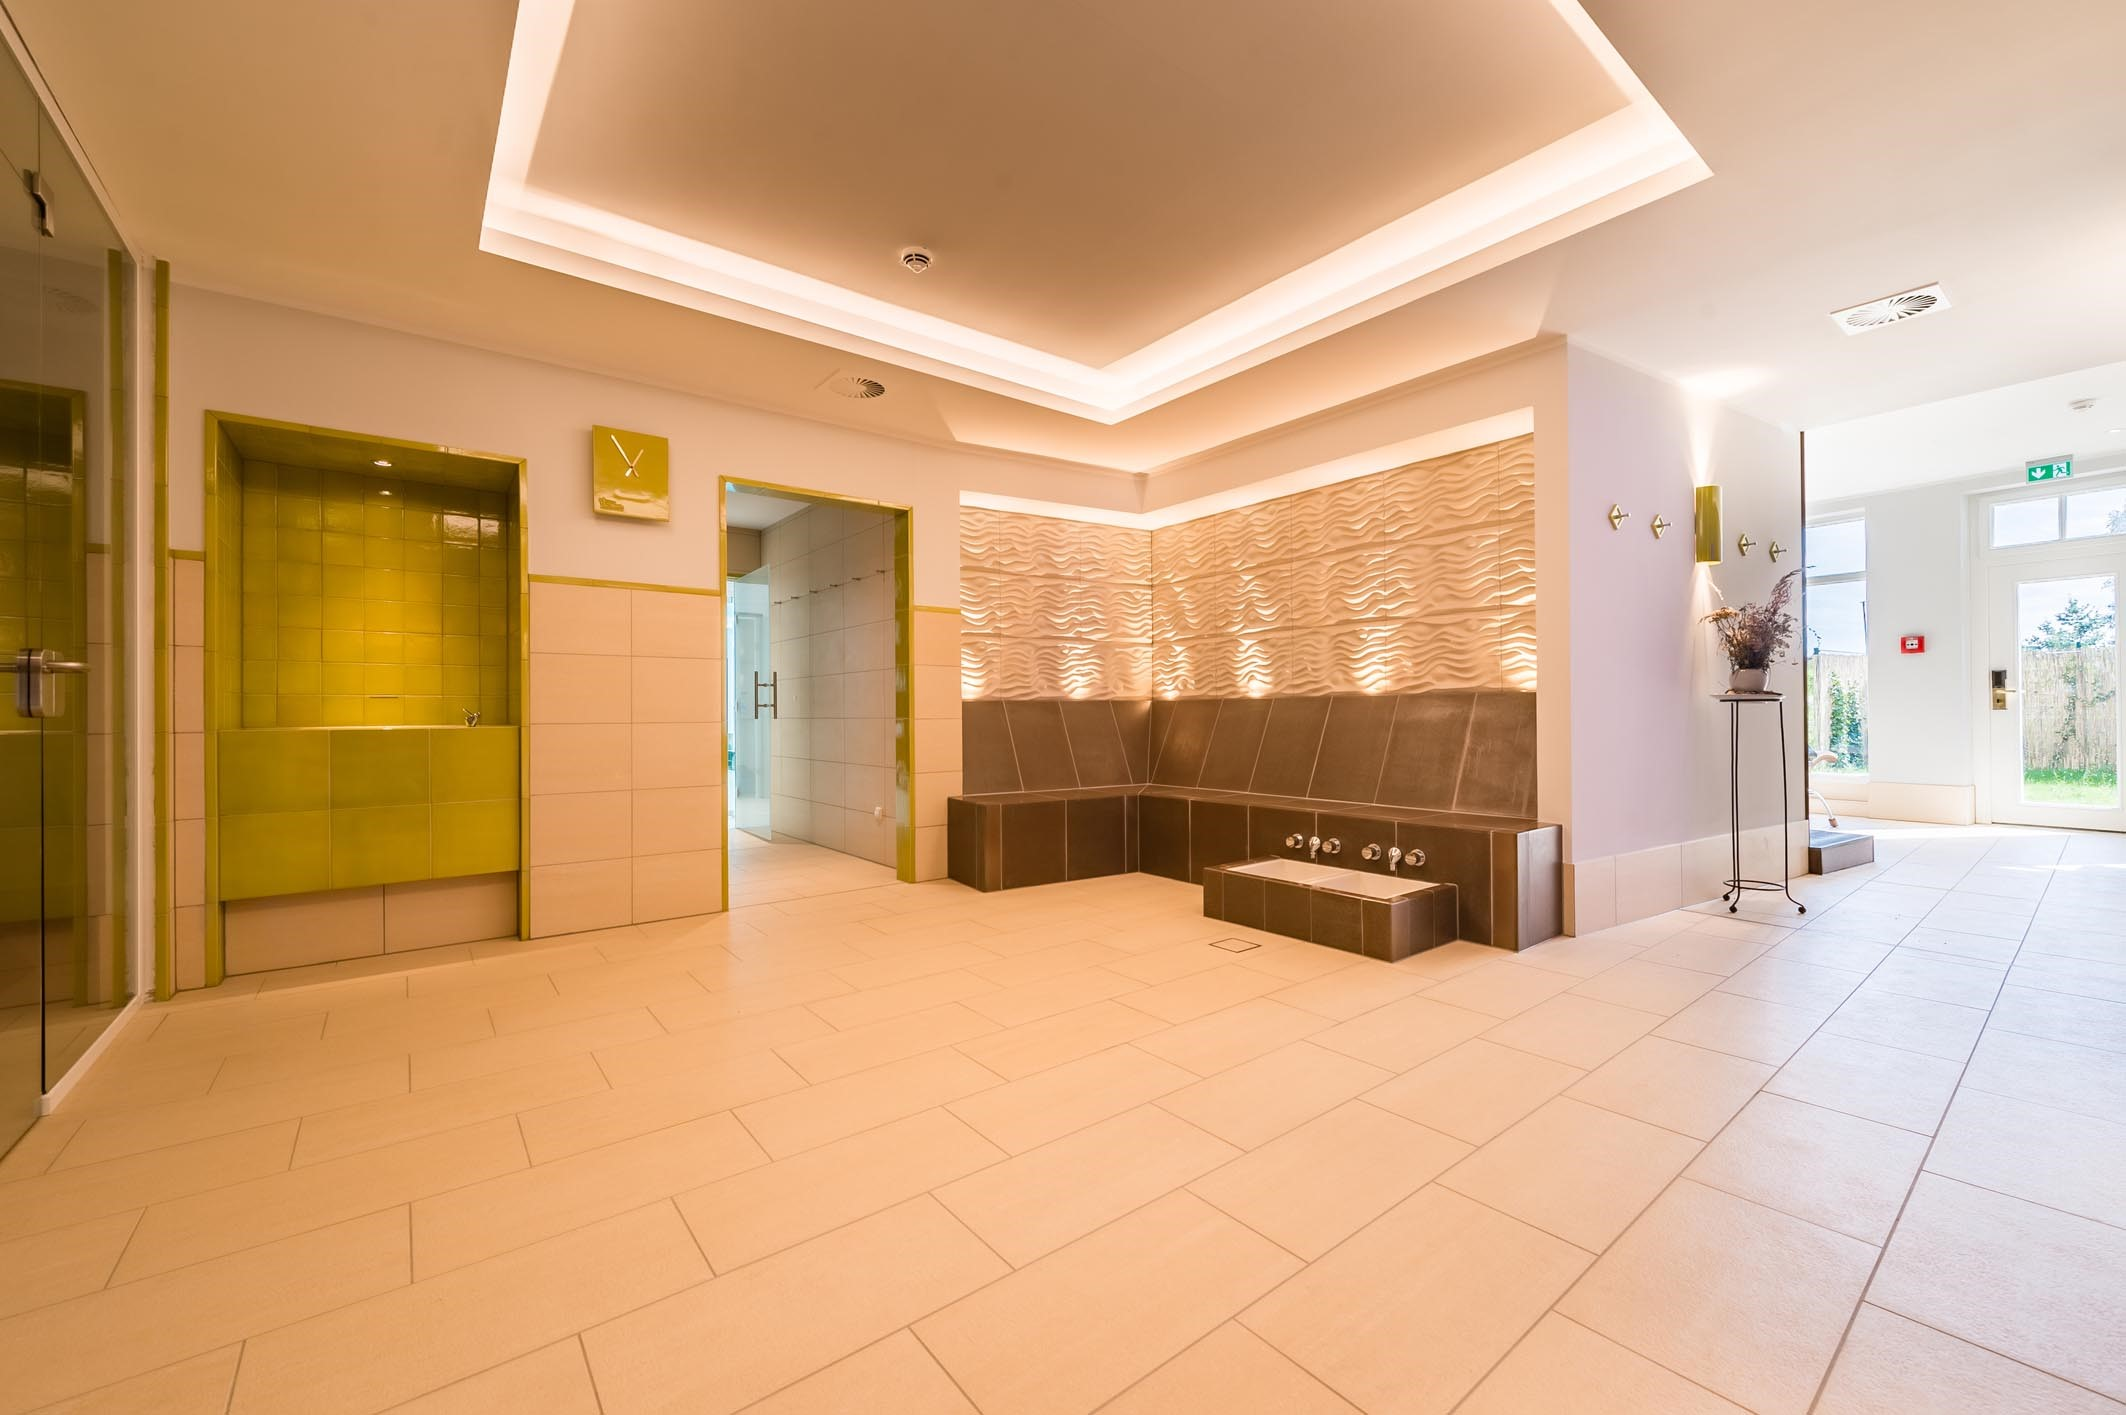 Fantastisch Spa Und Wellness Zentren Kreative Architektur Ideen ...